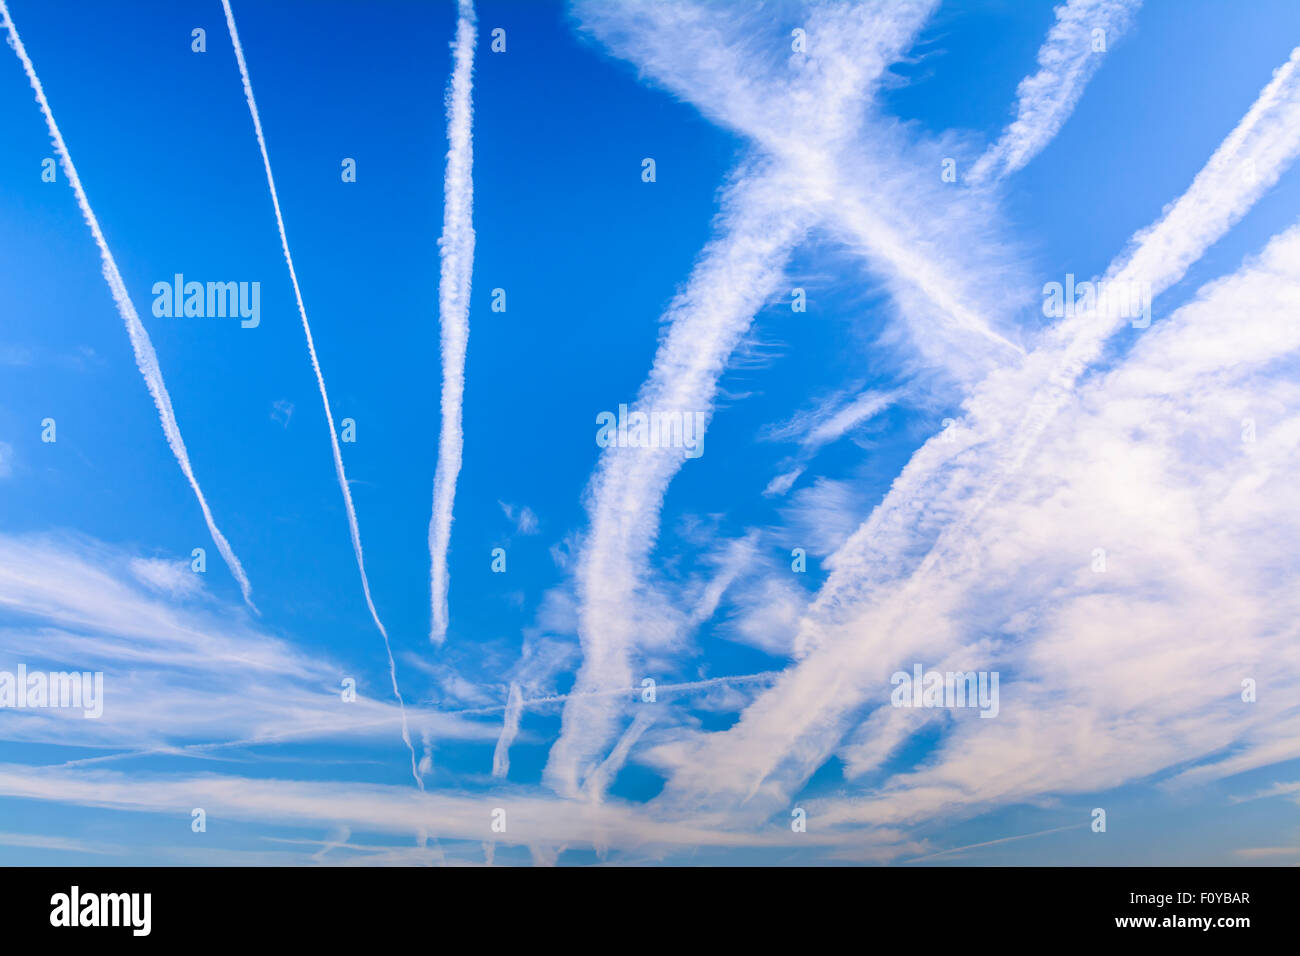 Vapore di condensazione sentieri (contrails) da motori a reazione per gli aerei, nel blu del cielo. Aerei o aereo Immagini Stock